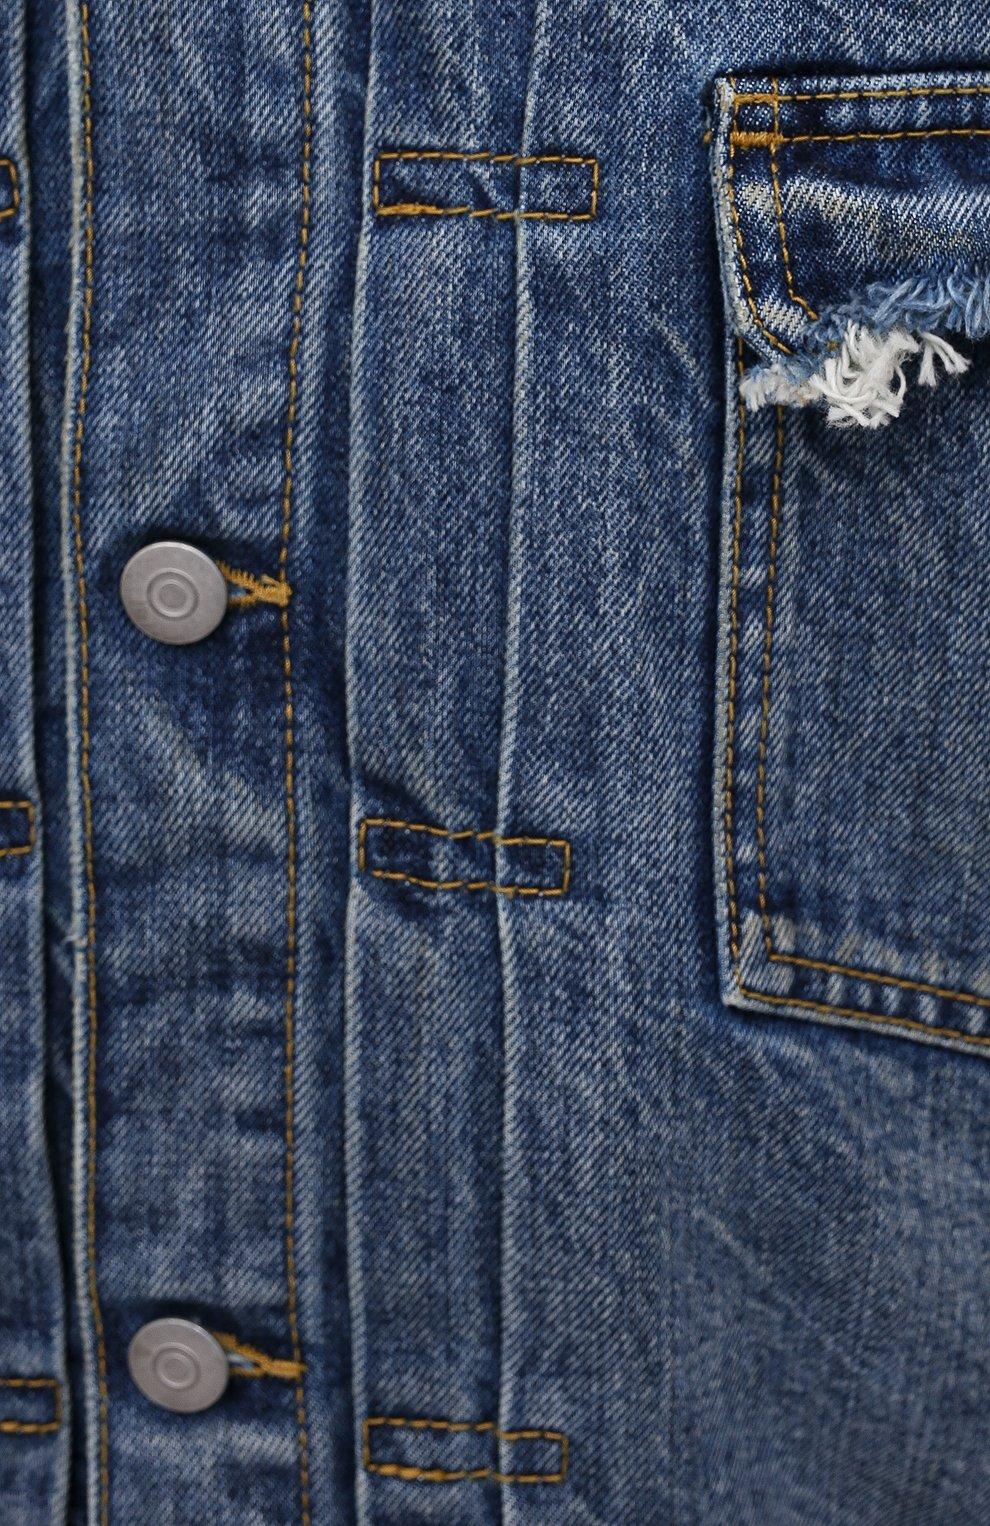 Мужская джинсовая куртка MAISON MARGIELA синего цвета, арт. S50AM0501/S30736   Фото 5 (Кросс-КТ: Куртка, Деним; Рукава: Длинные; Стили: Гранж; Материал внешний: Хлопок; Длина (верхняя одежда): Короткие)